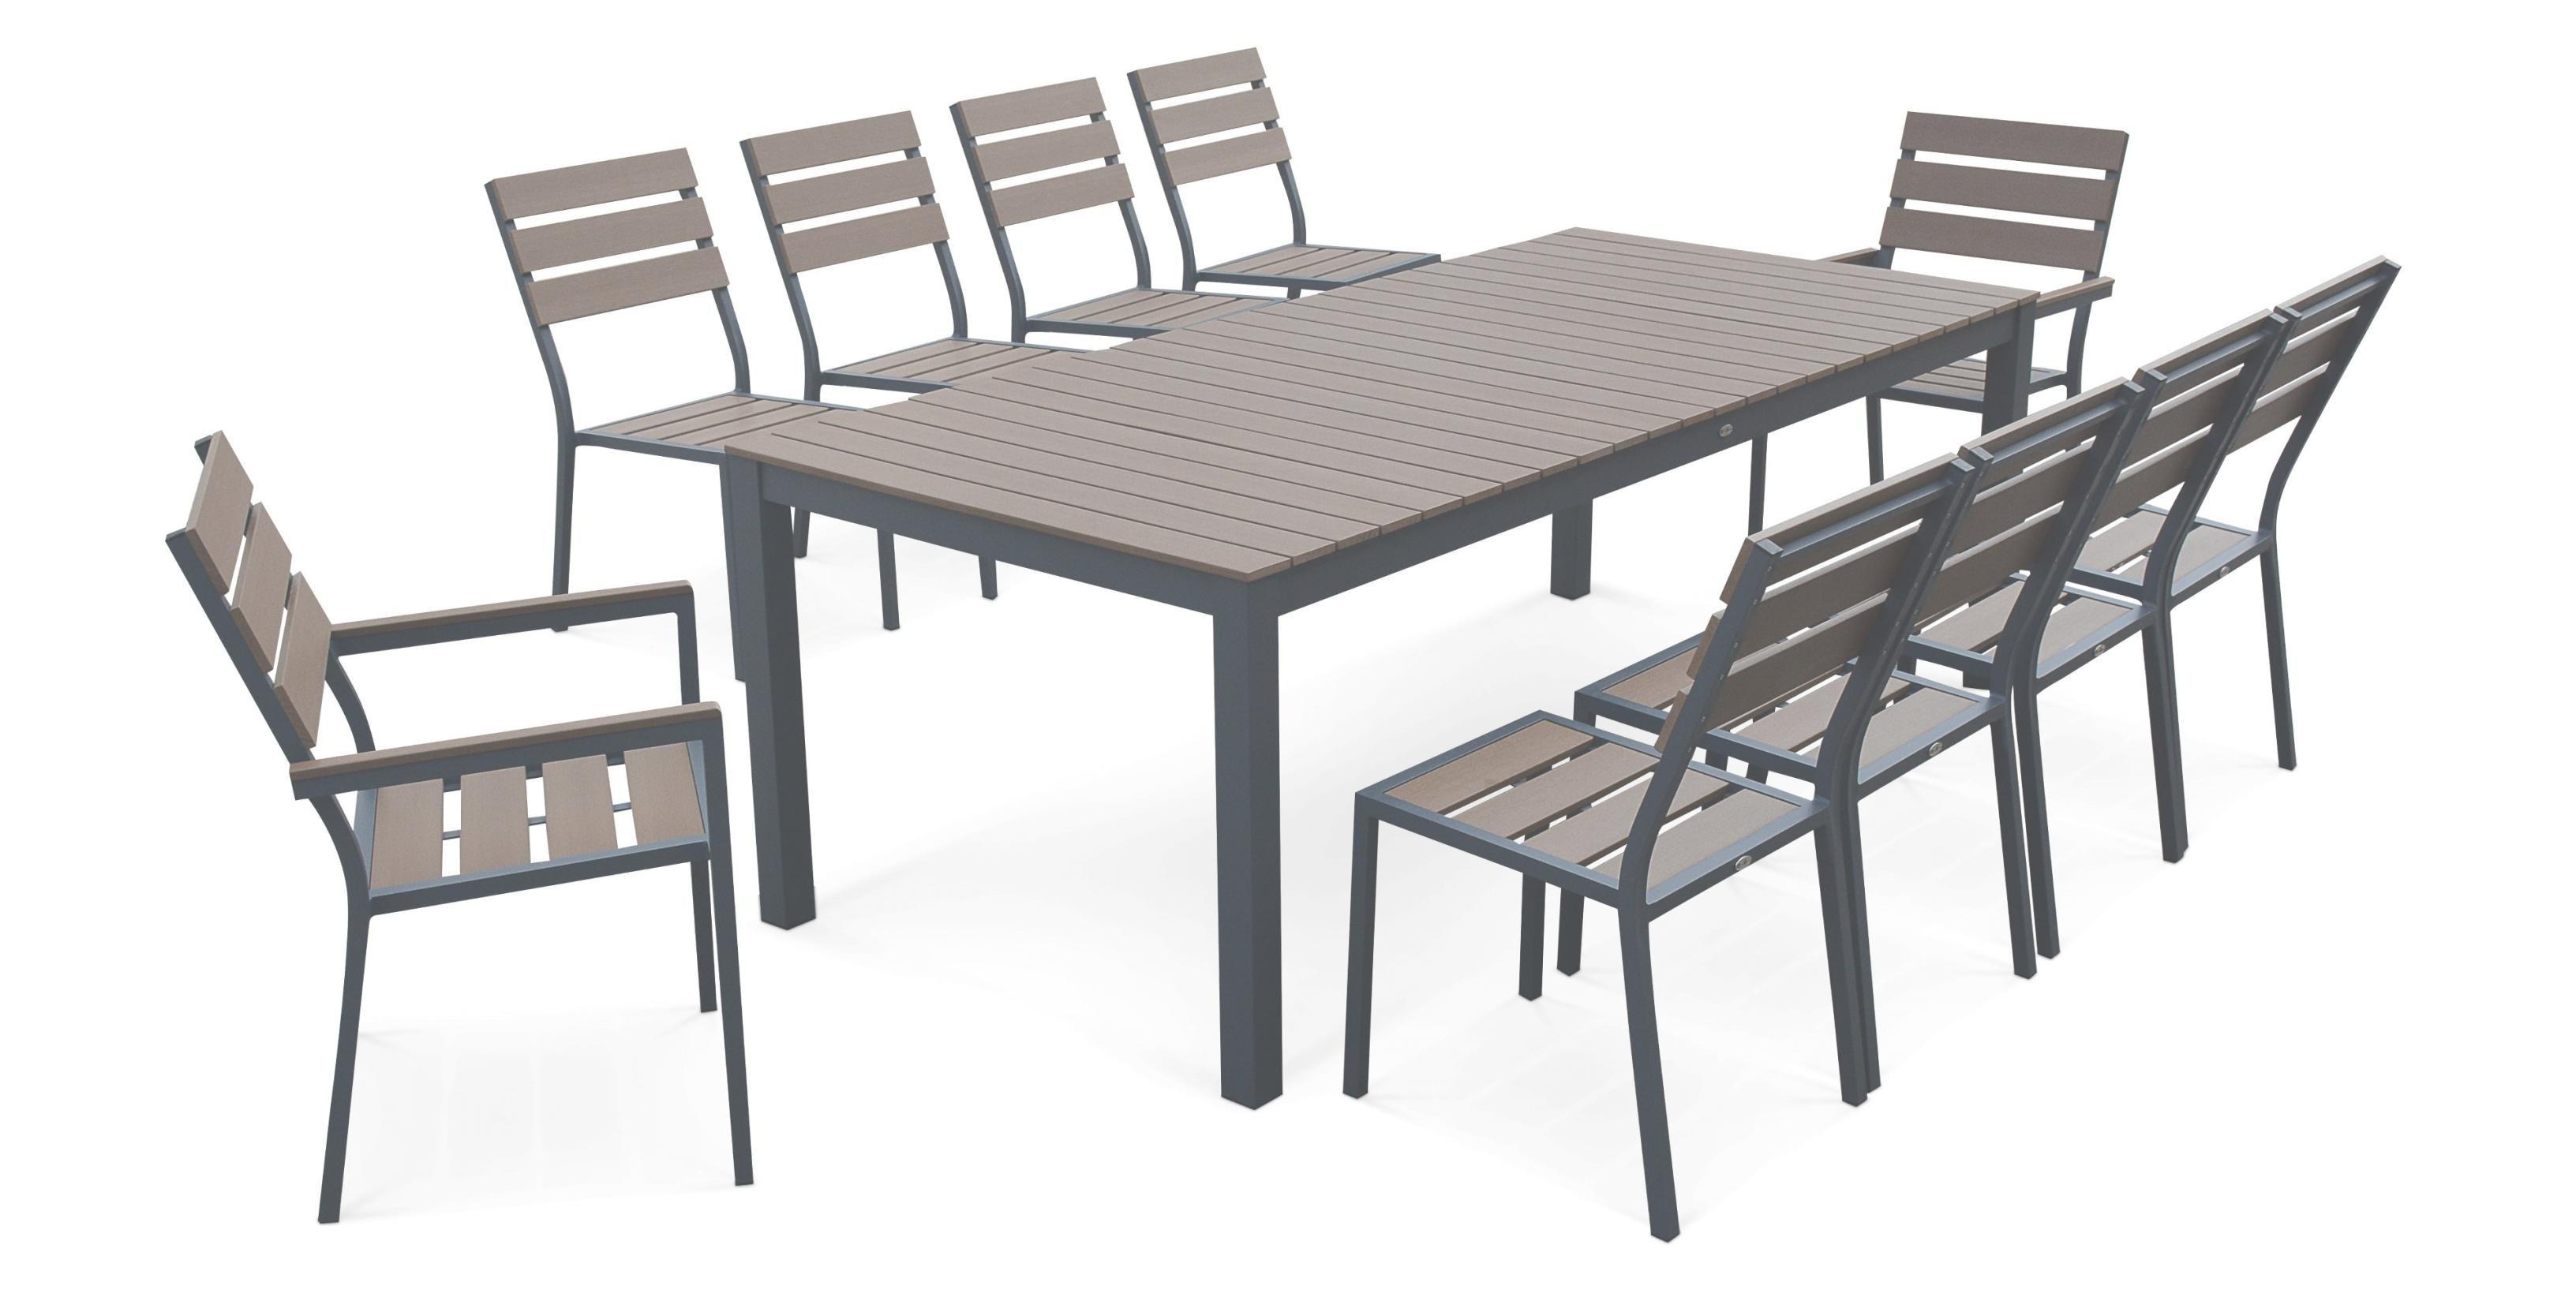 Salon de jardin aluminium bois - Mobilier de jardin et terasse